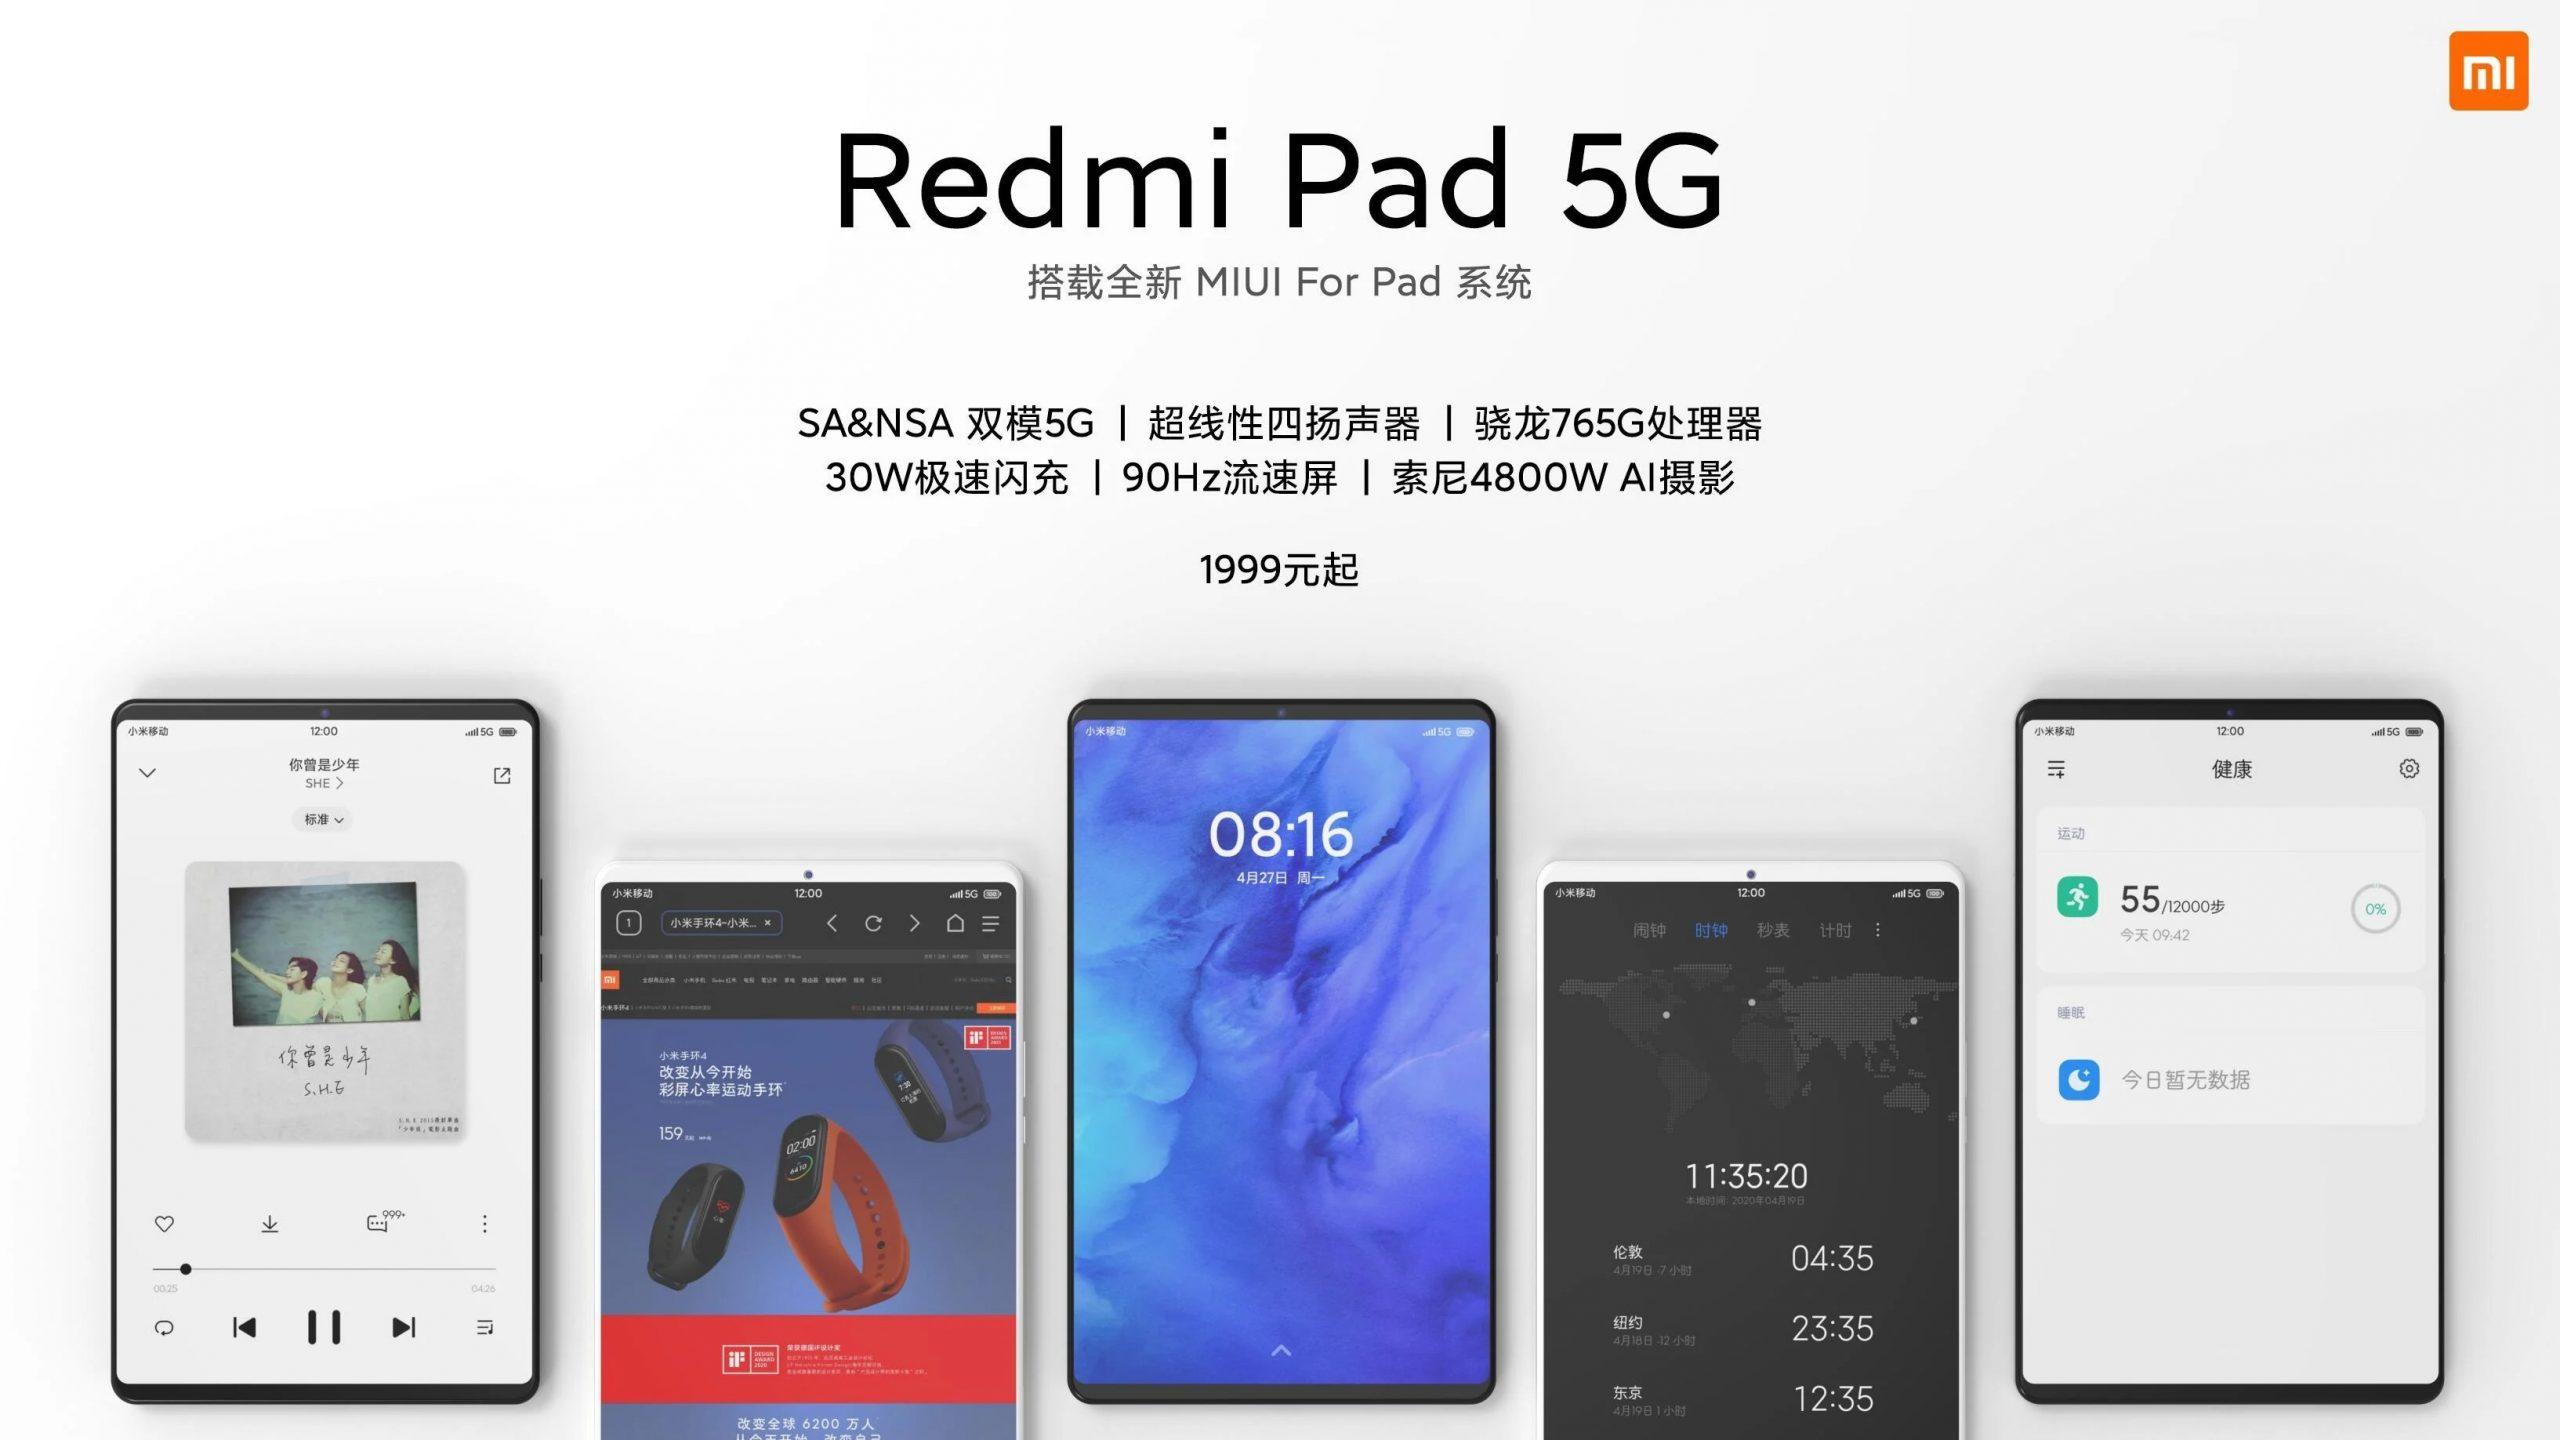 Ecco presunti prezzo e caratteristiche del tablet Redmi Pad 5G